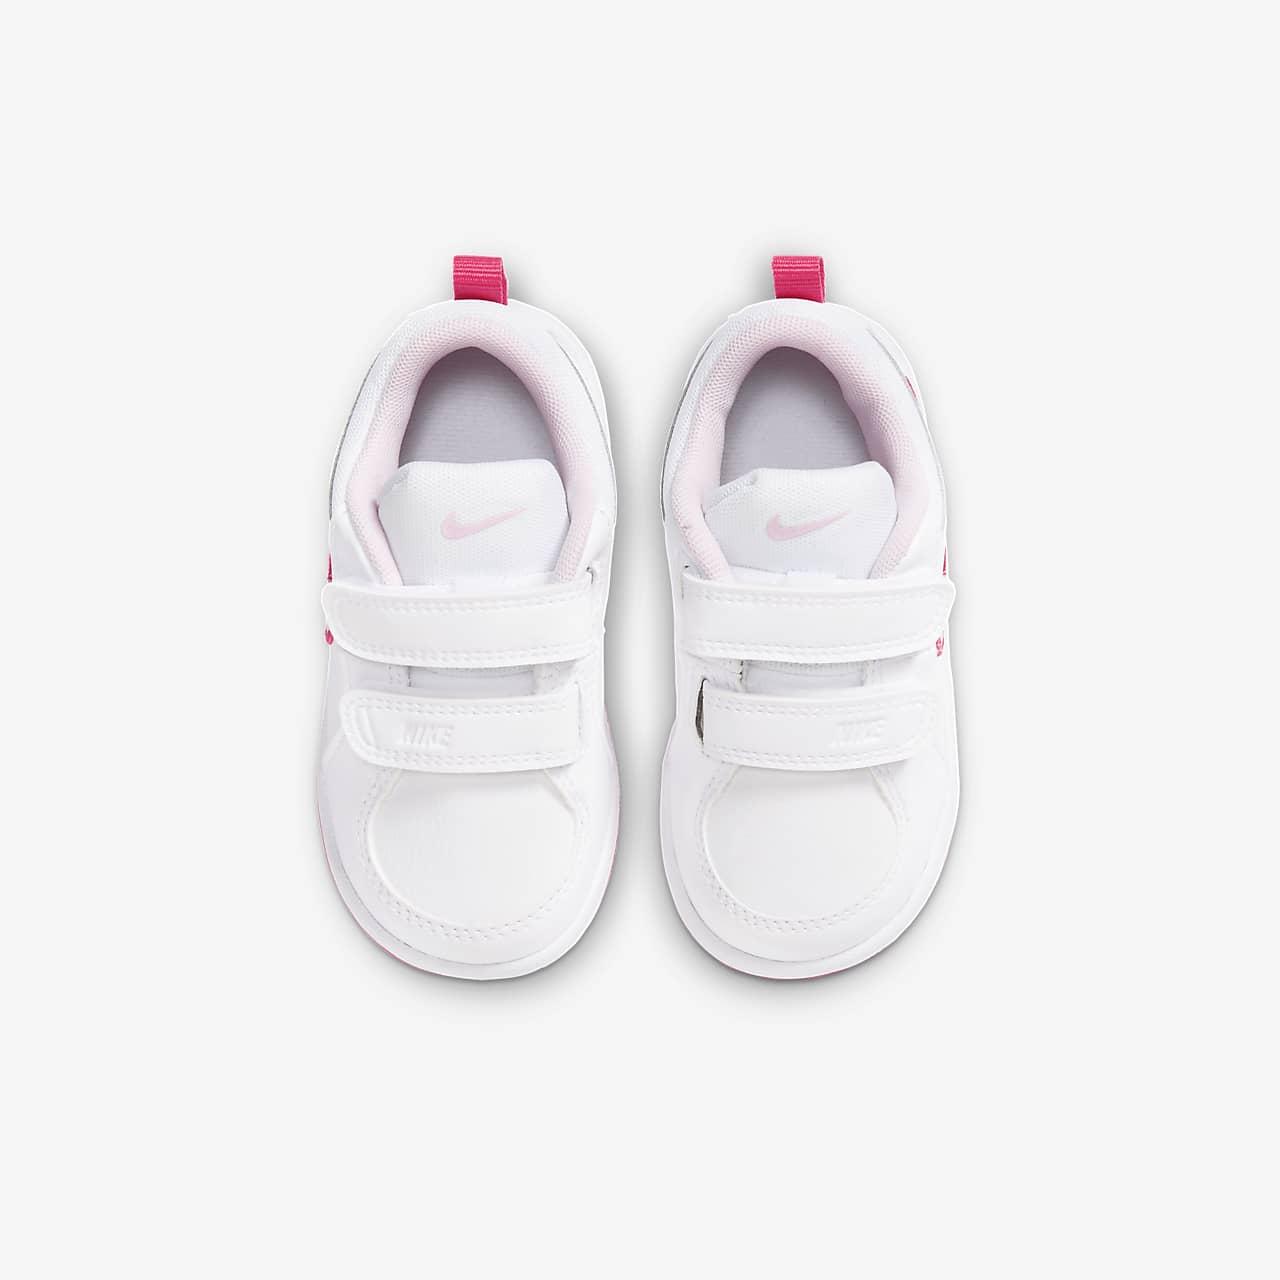 050817c4c03 Sapatilhas Nike Pico 4 para bebé (rapariga) (17-27). Nike.com PT